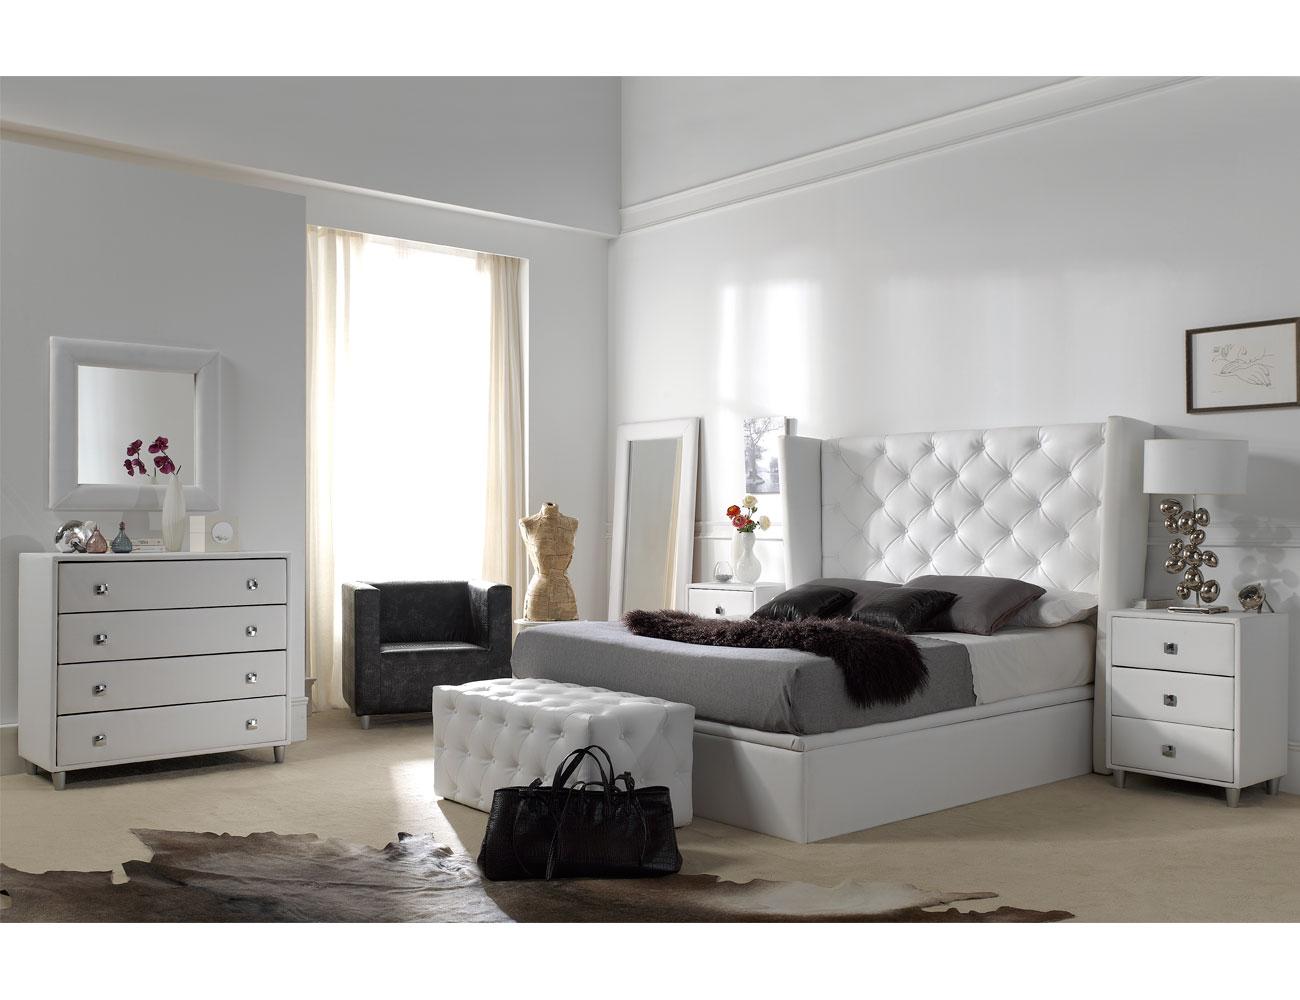 23 marco tapizado dormitorio6